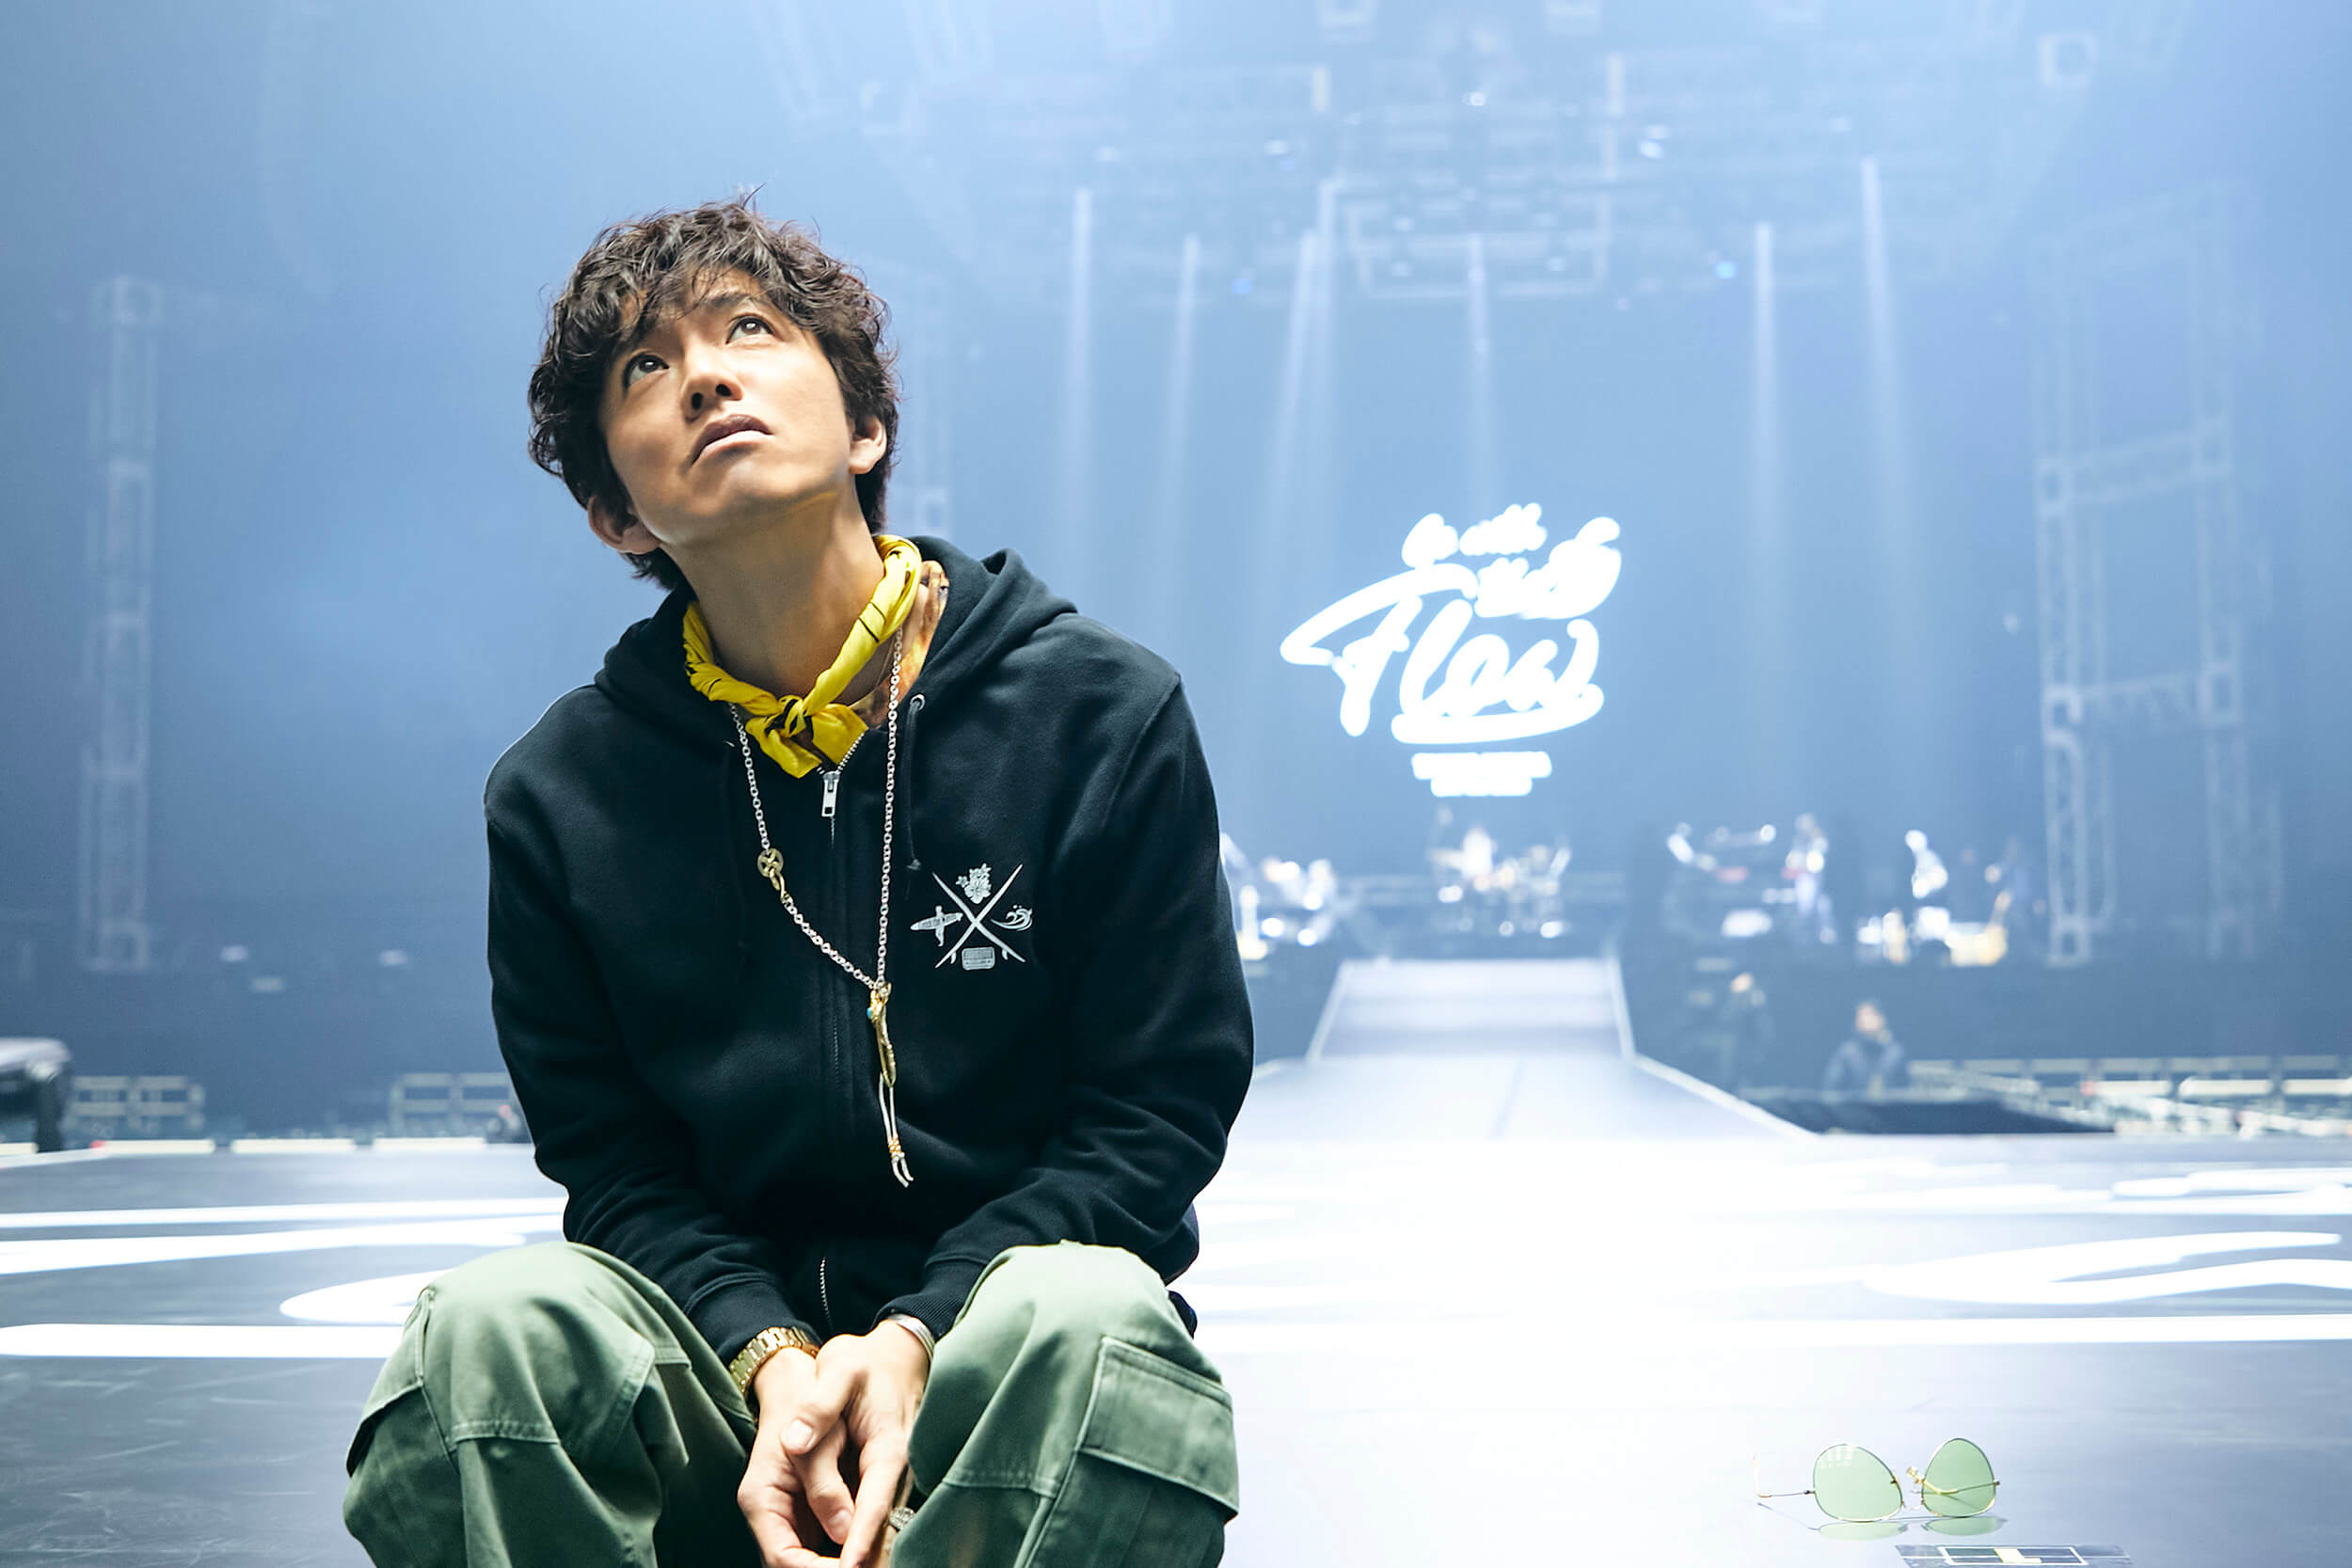 木村拓哉「TAKUYA KIMURA Live Tour 2020 Go with the Flow」 商品詳細発表